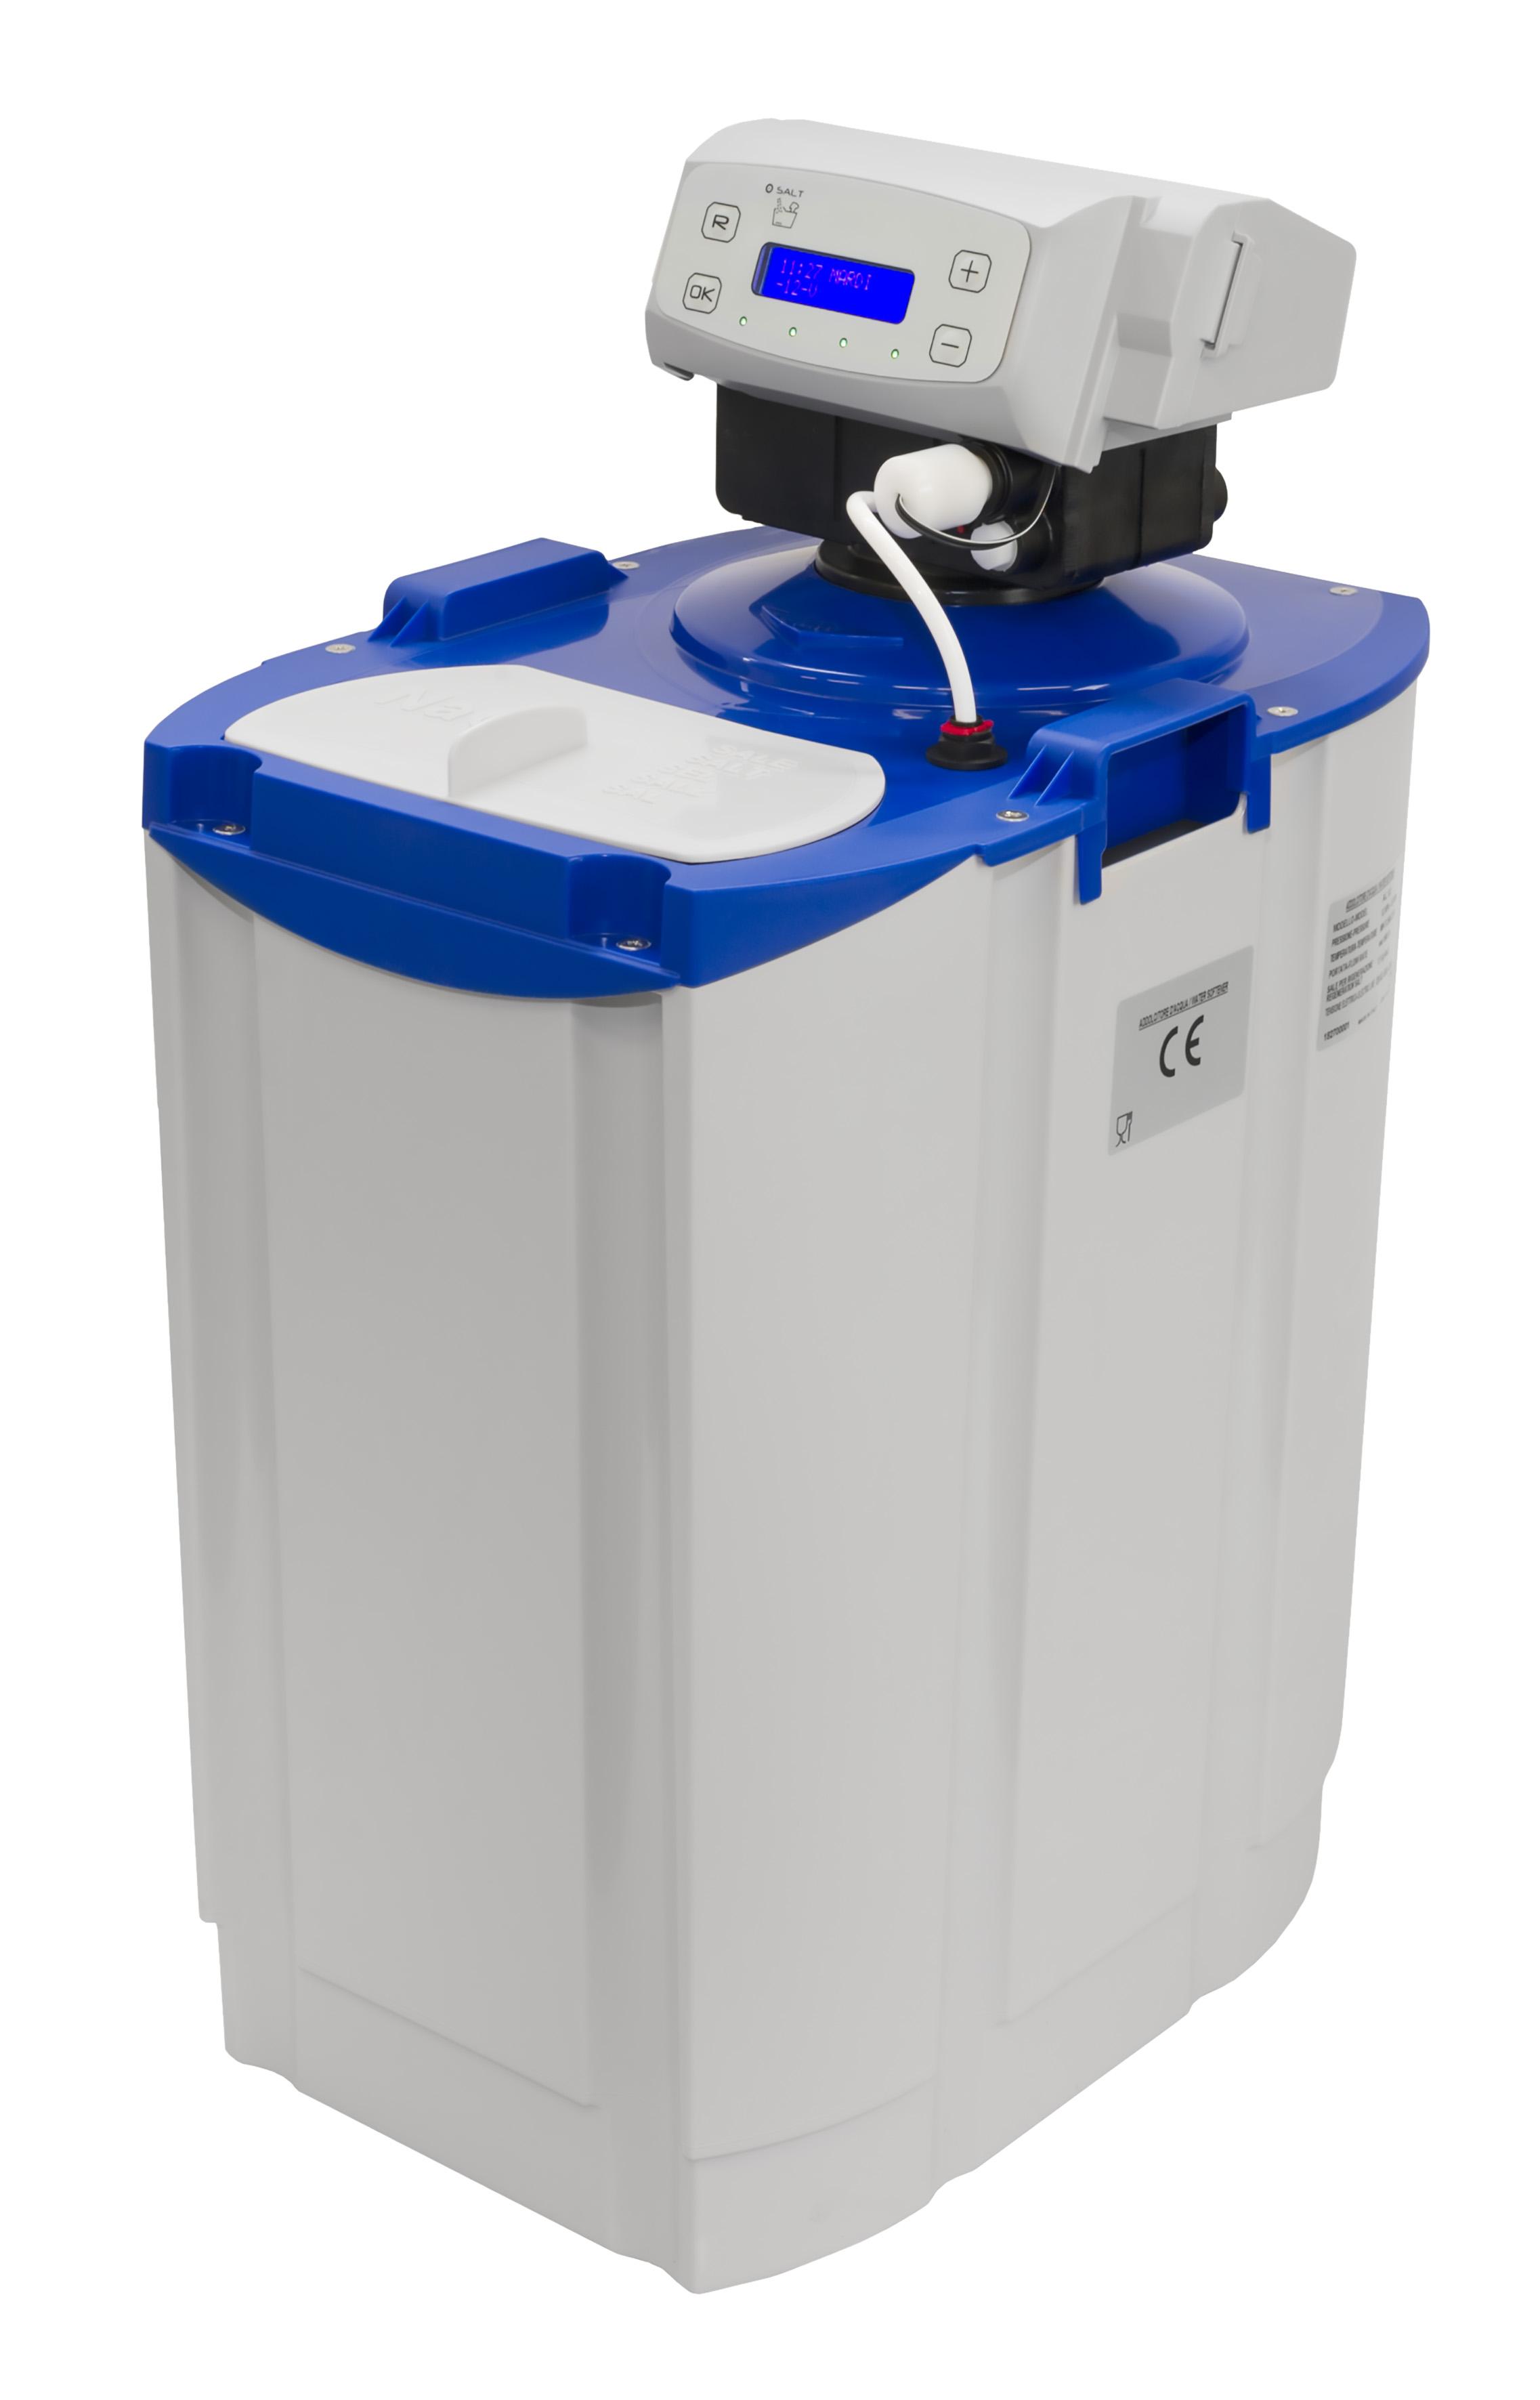 Změkčovač vody AL 08 V volumetrický automatický 8 l REDFOX